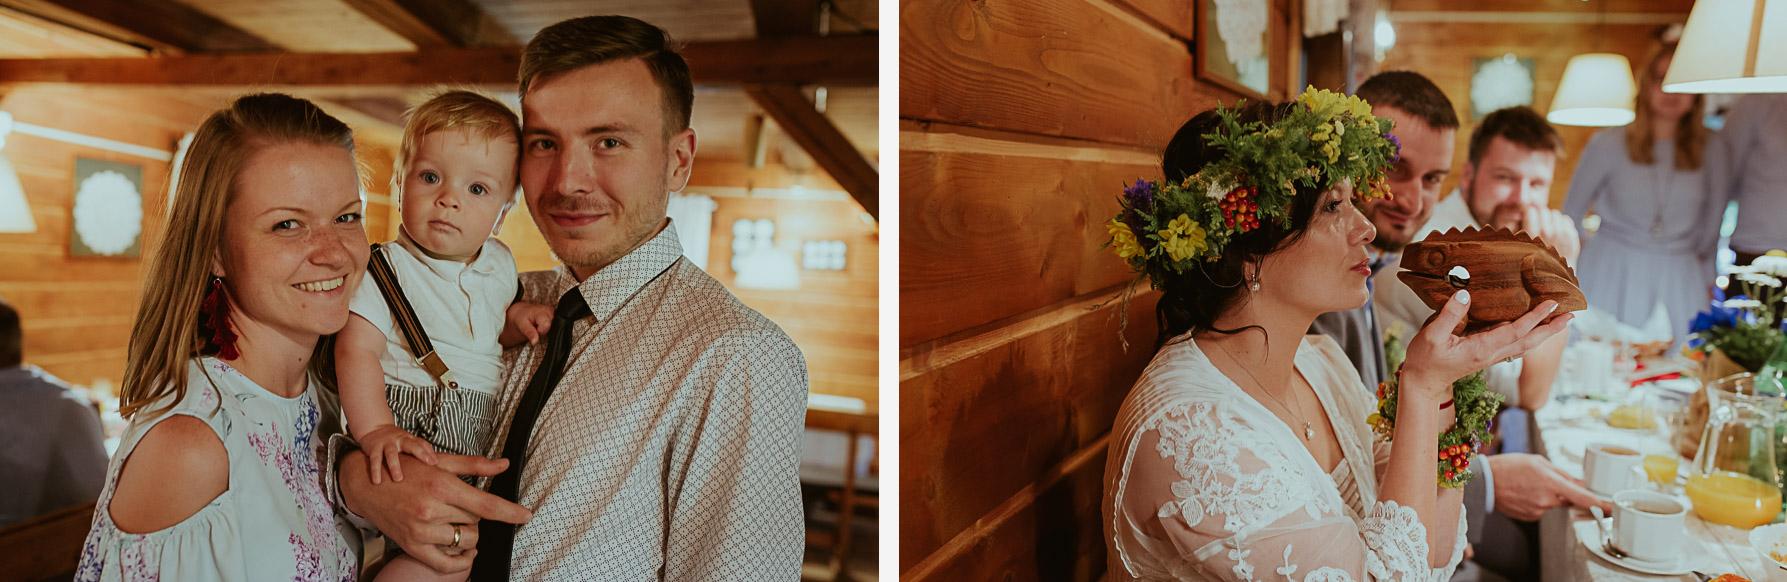 Zdjęcia Ślubne Bielsko 108 22v